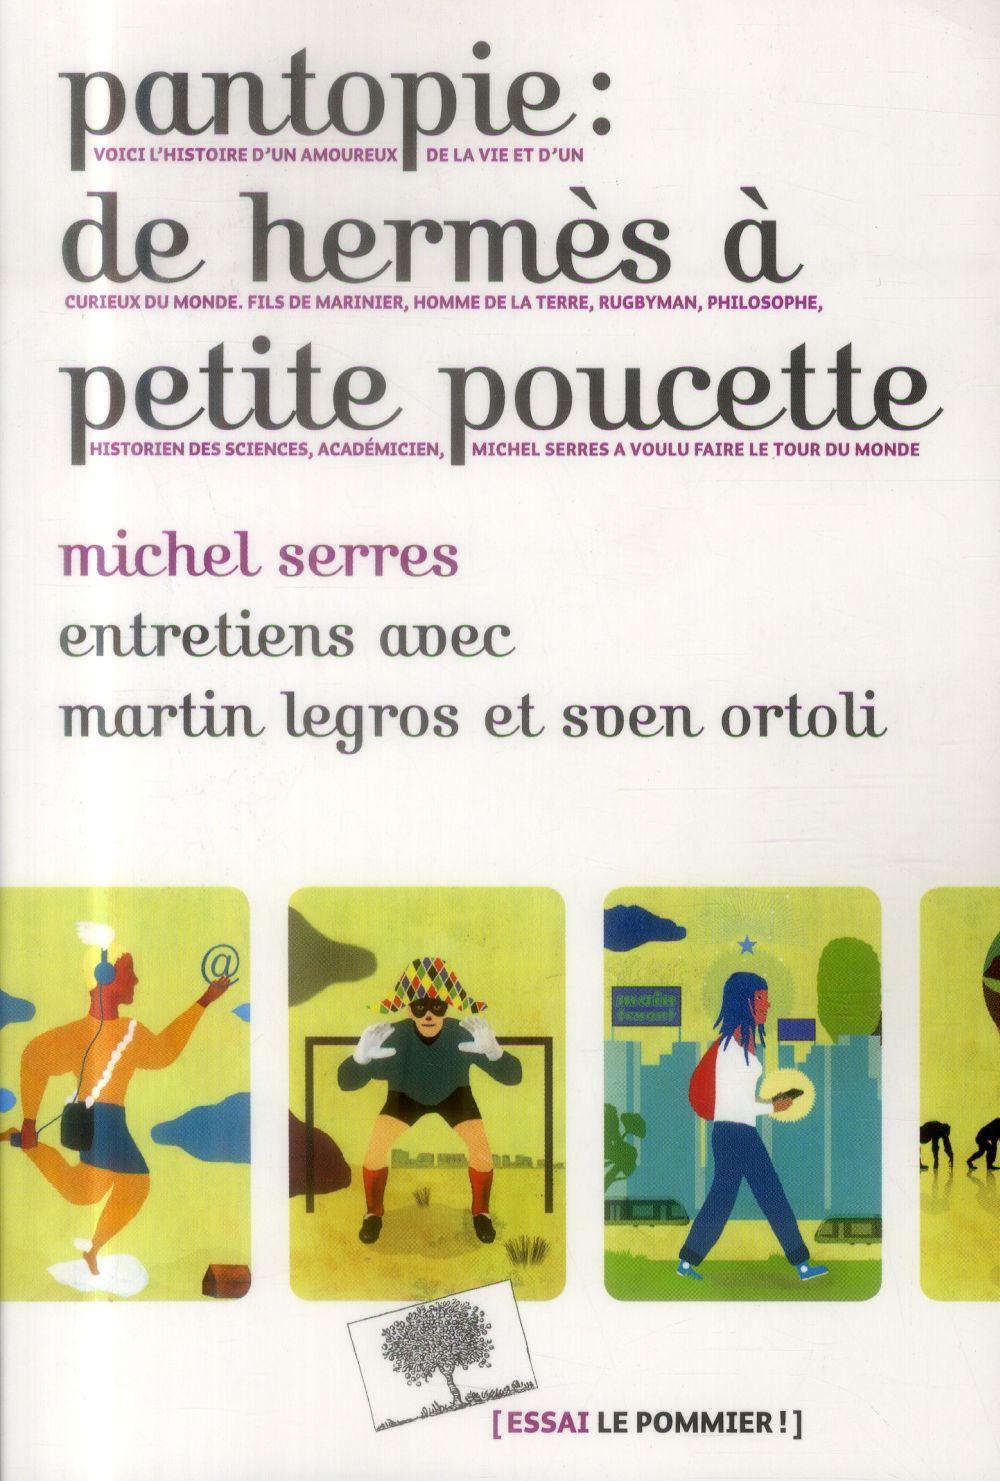 PANTOPIE DE HERMES A PETITE POUCETTE